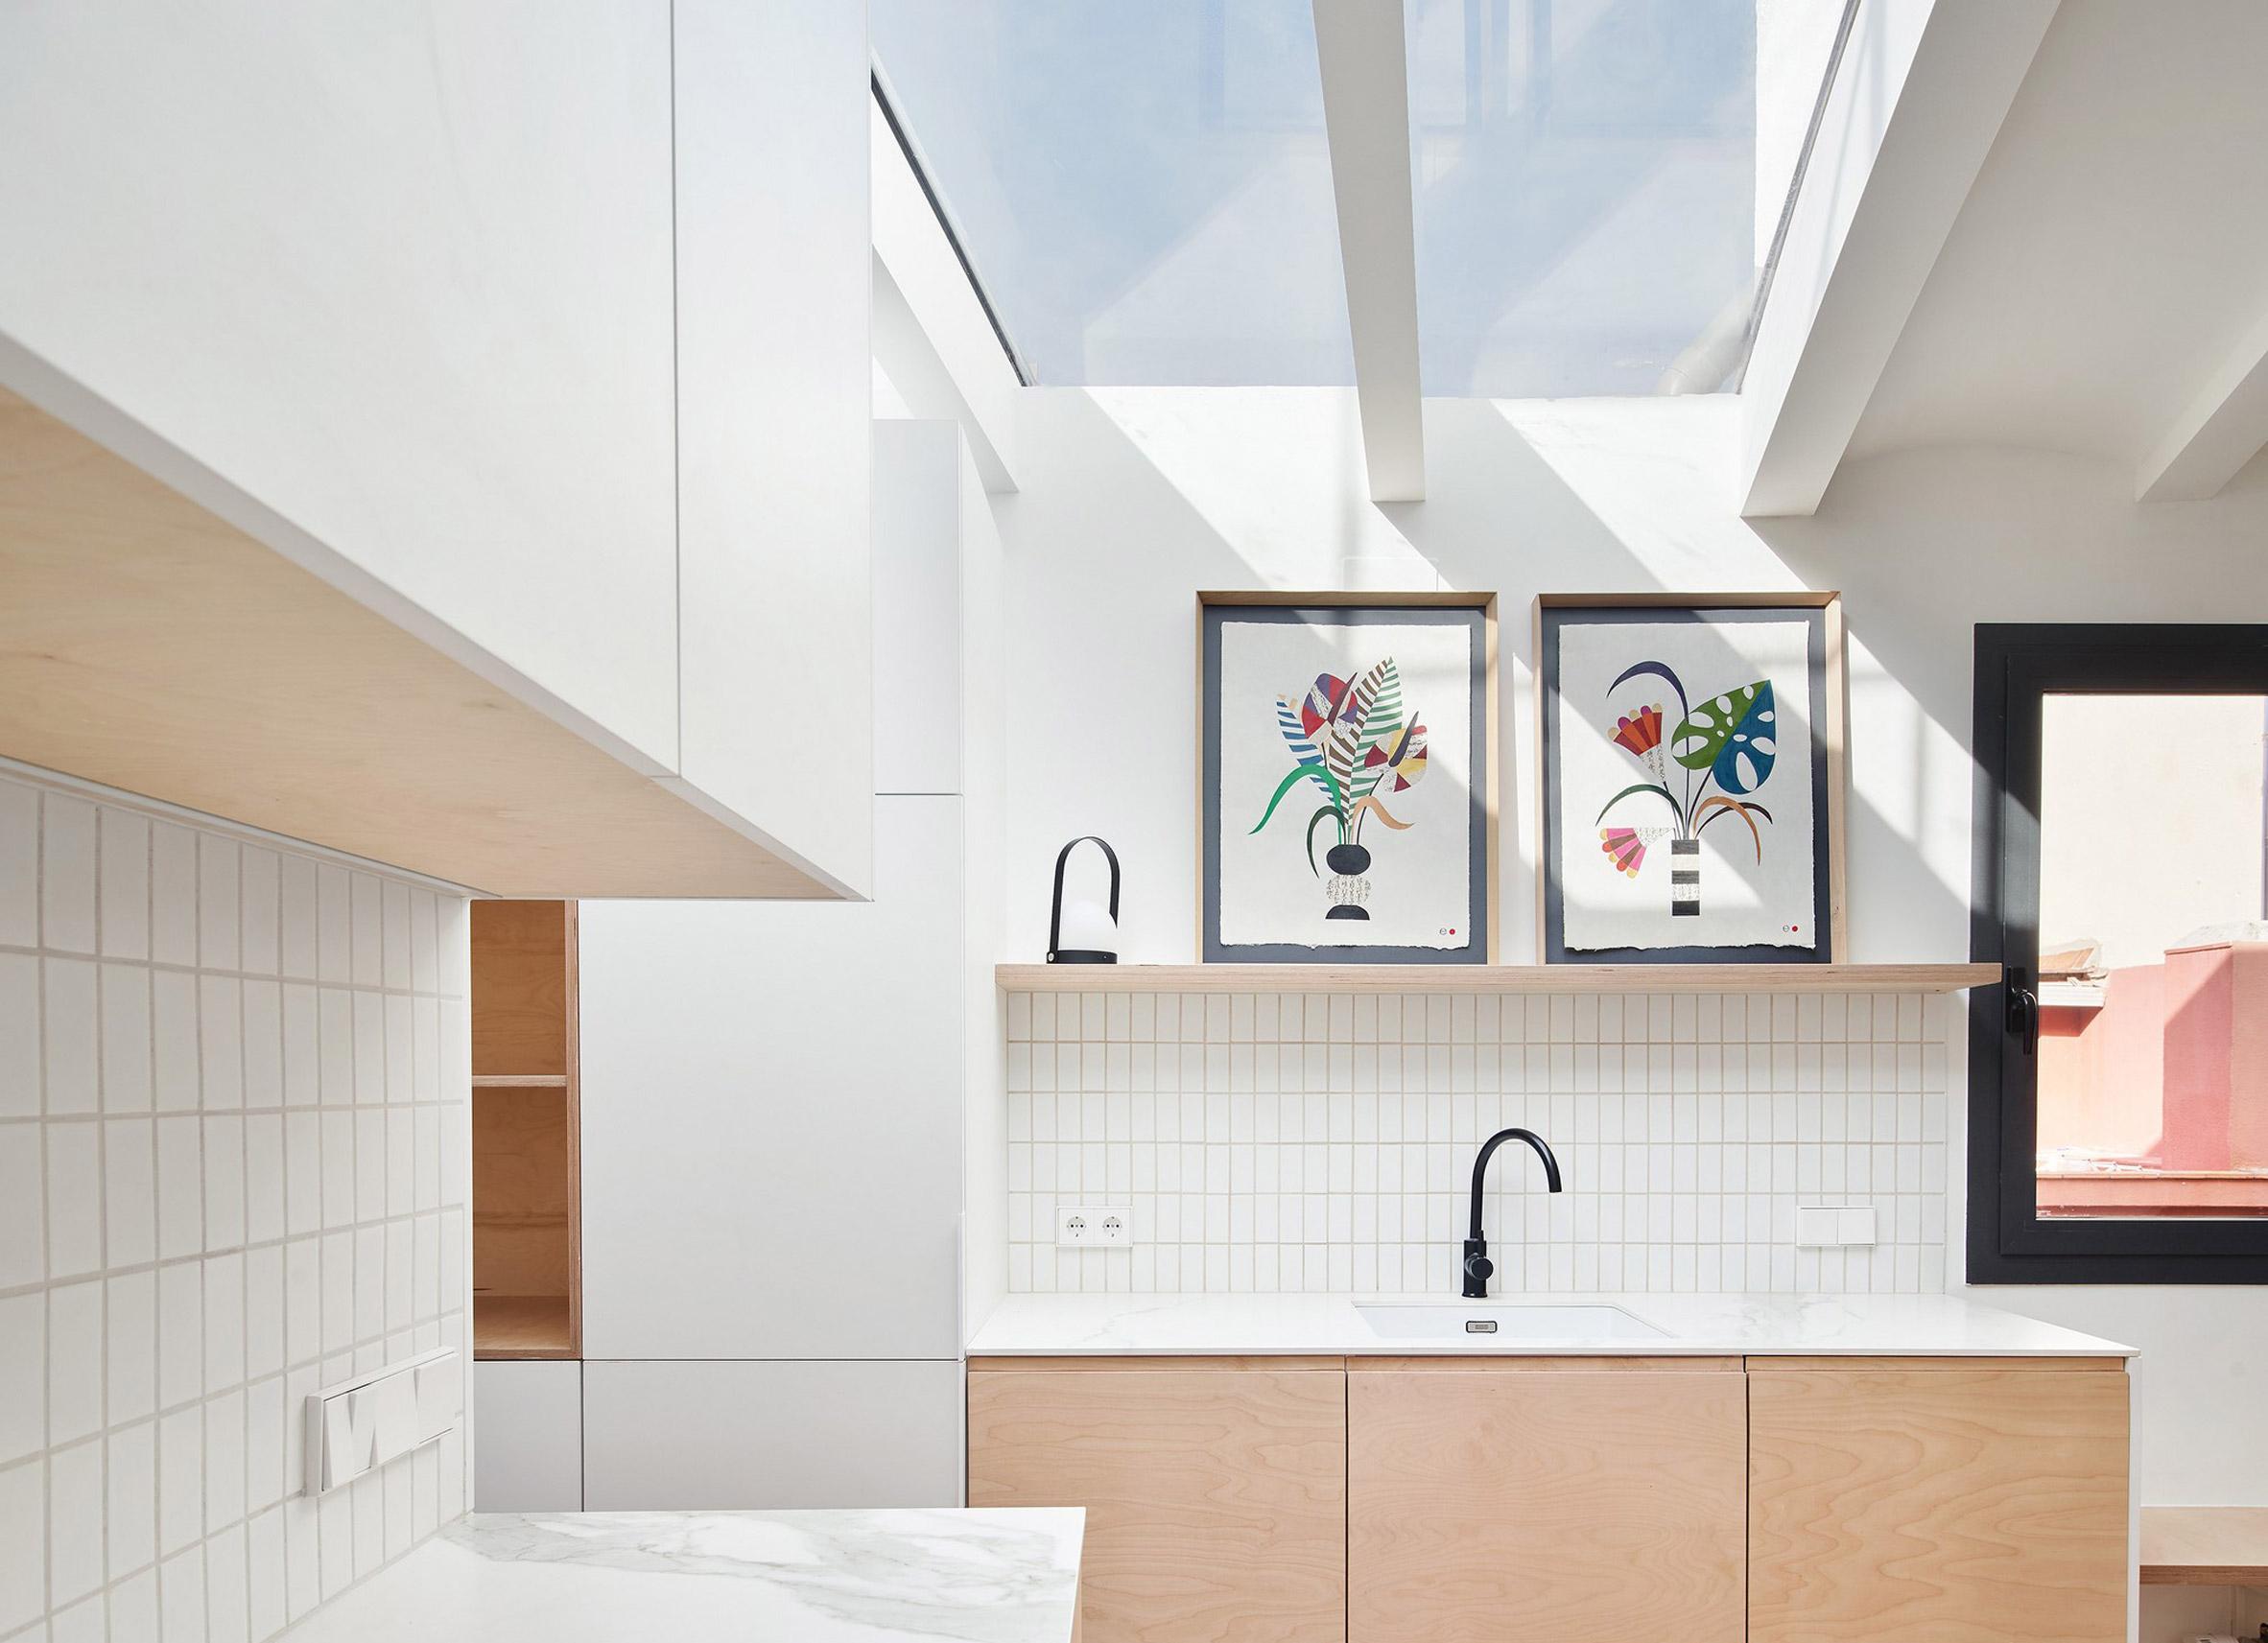 Light-filled kitchen in Akari House